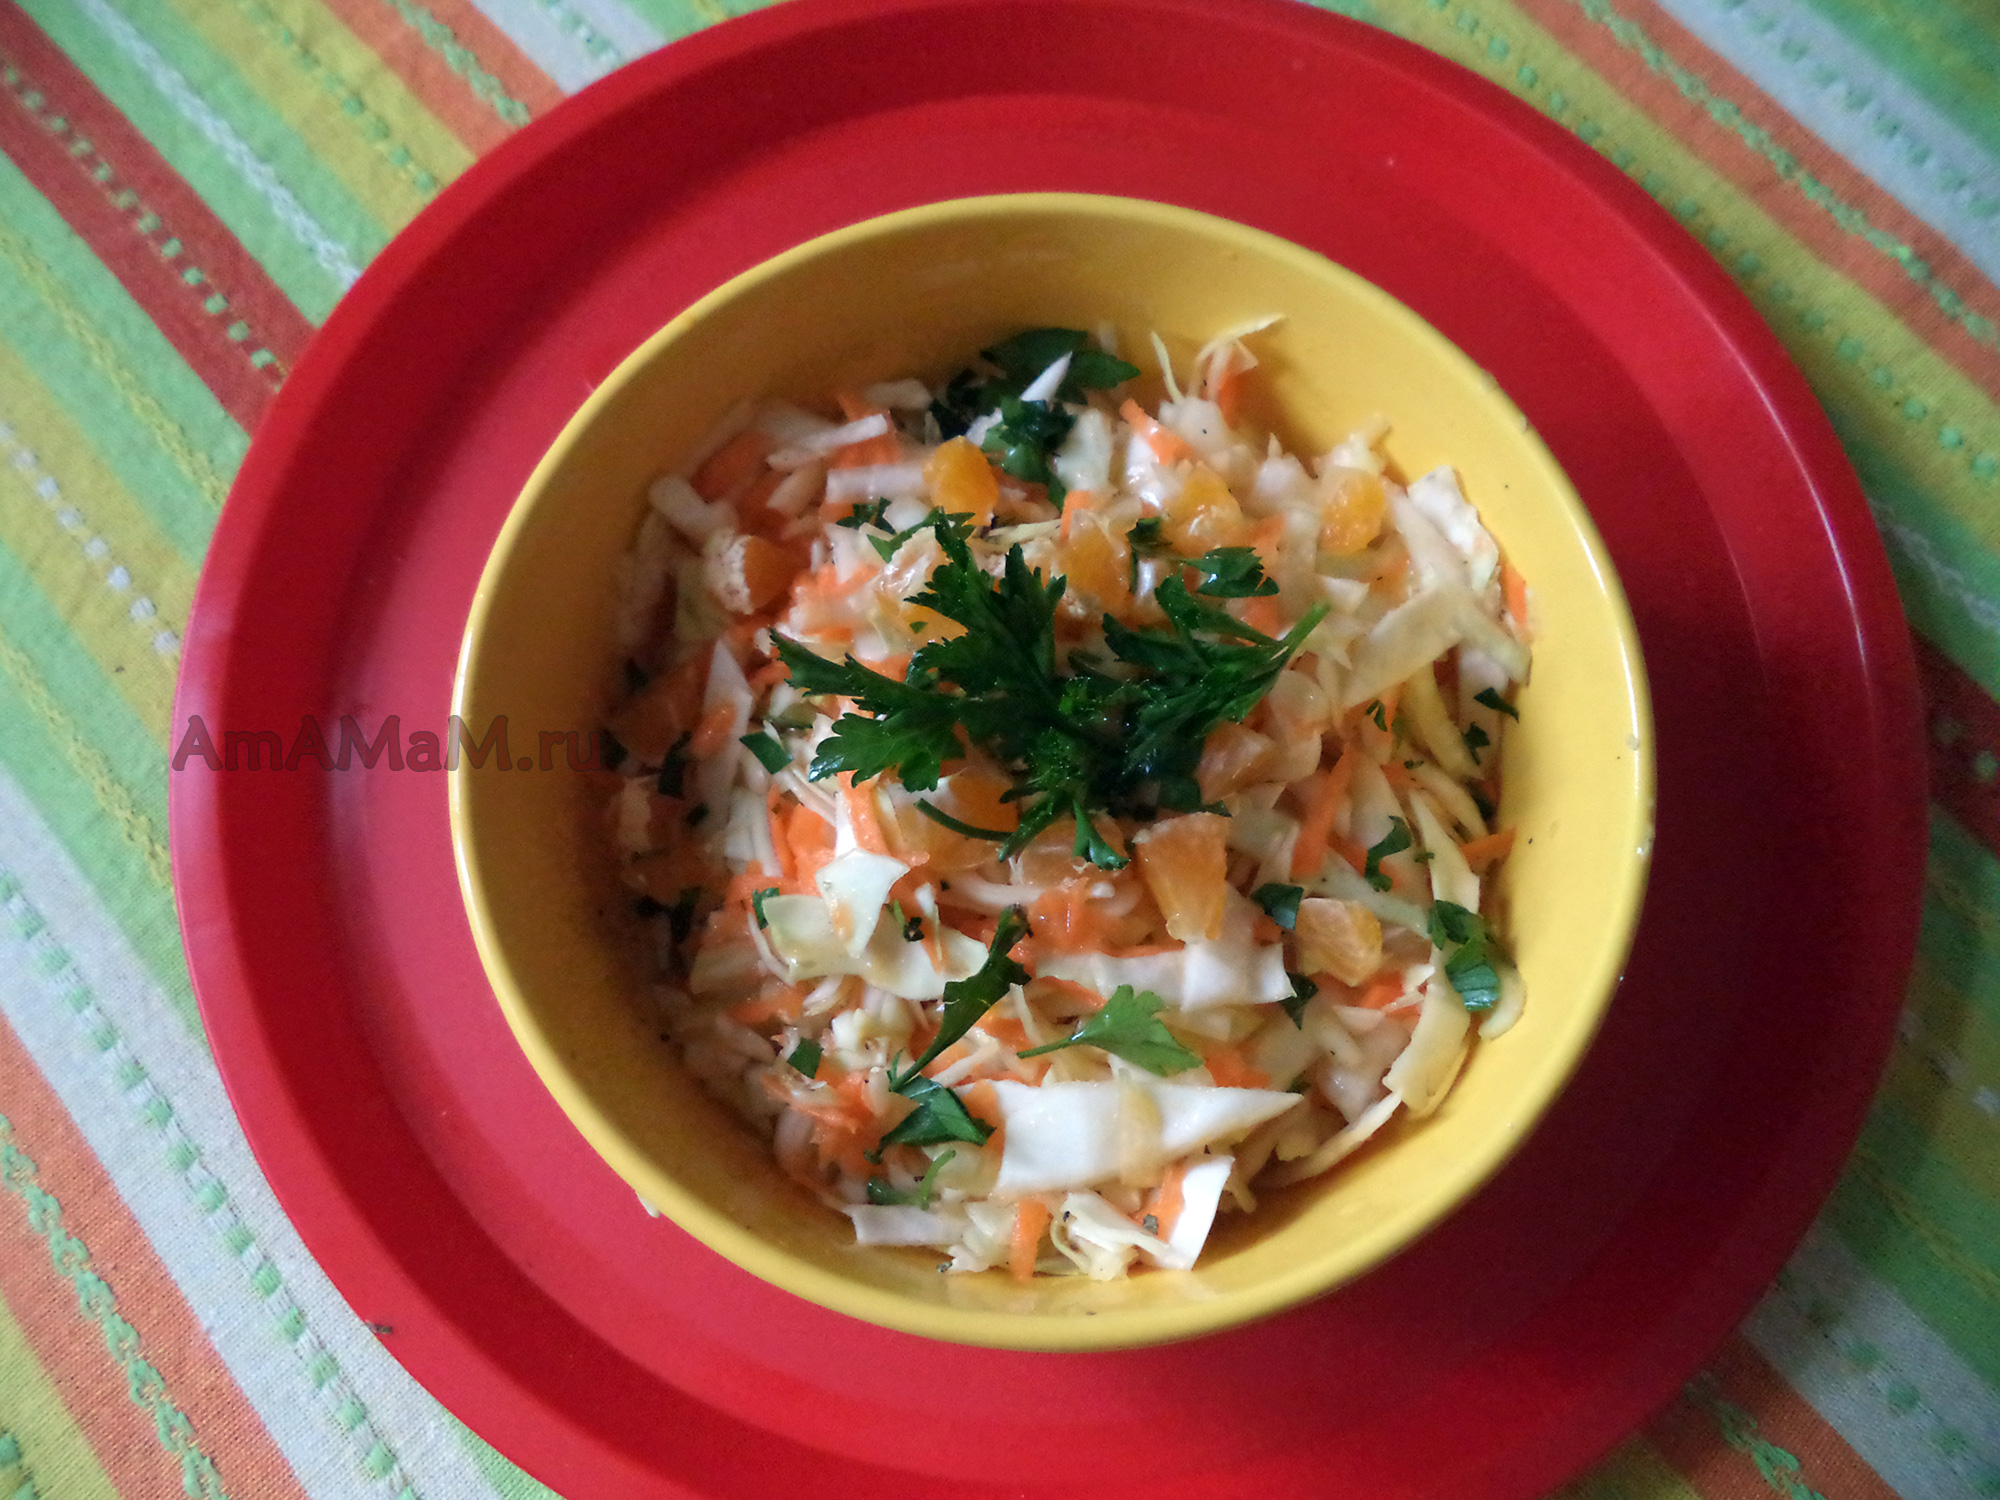 салат с капустой свежей рецепт с фото